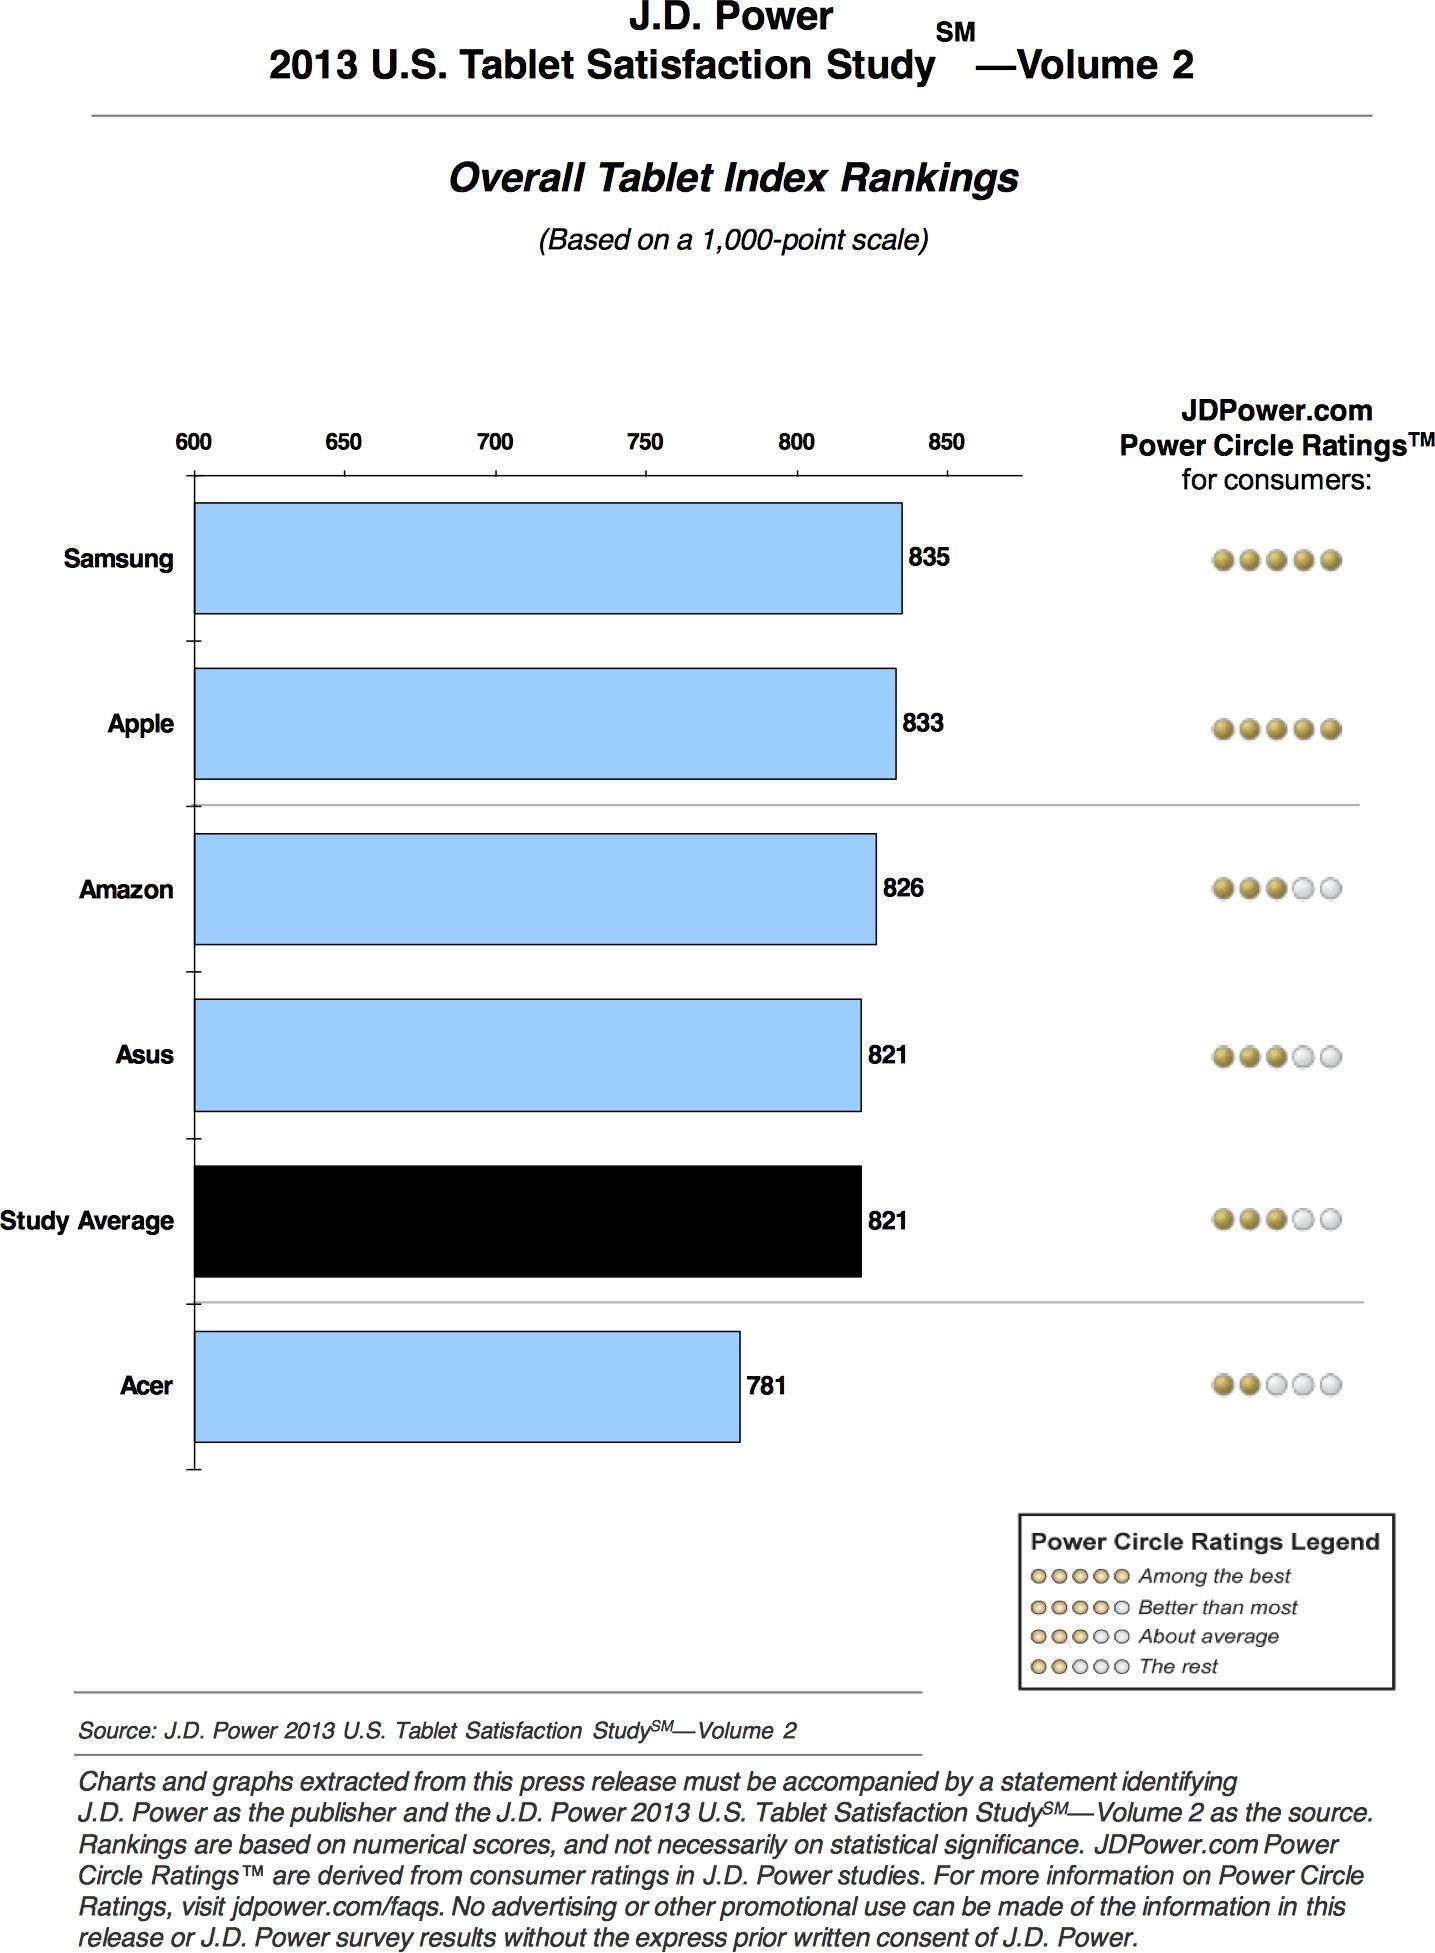 Estudo da J.D. Power sobre a satisfação de usuários com tablets